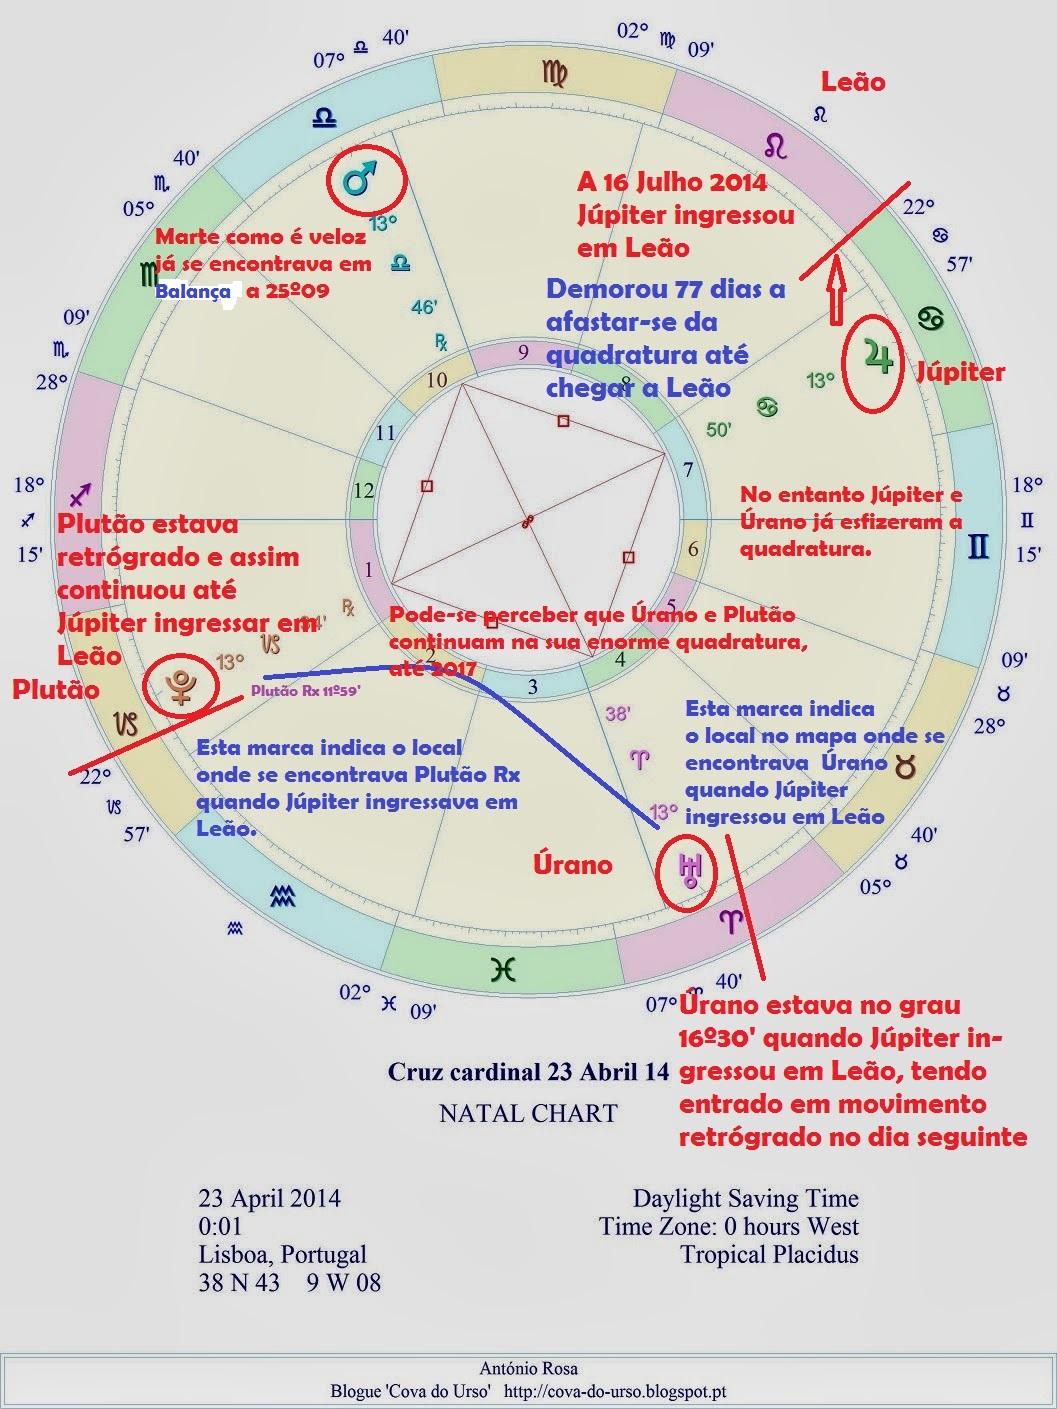 05 Cruz cardinal 23 Abril 2014-reduzido